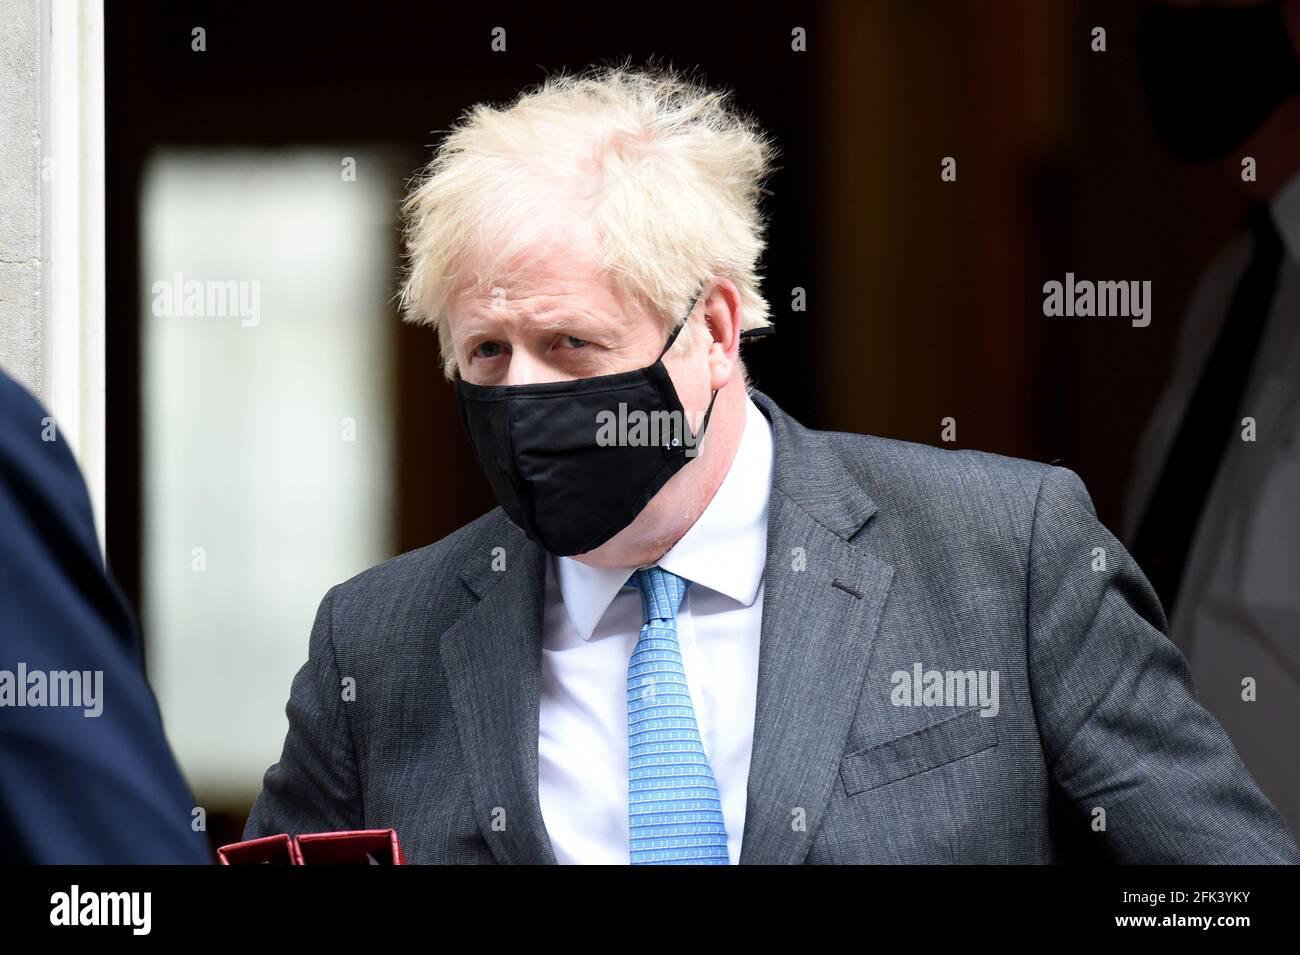 VEREINIGTES KÖNIGREICH. April 2021. Downing Street London 28. April 2021 Premierminister Boris Johnson verlässt No10 und geht nach Westminster, um seine wöchentlichen Fragen des Premierministers zu beantworten.Quelle: MARTIN DALTON/Alamy Live News Stockfoto